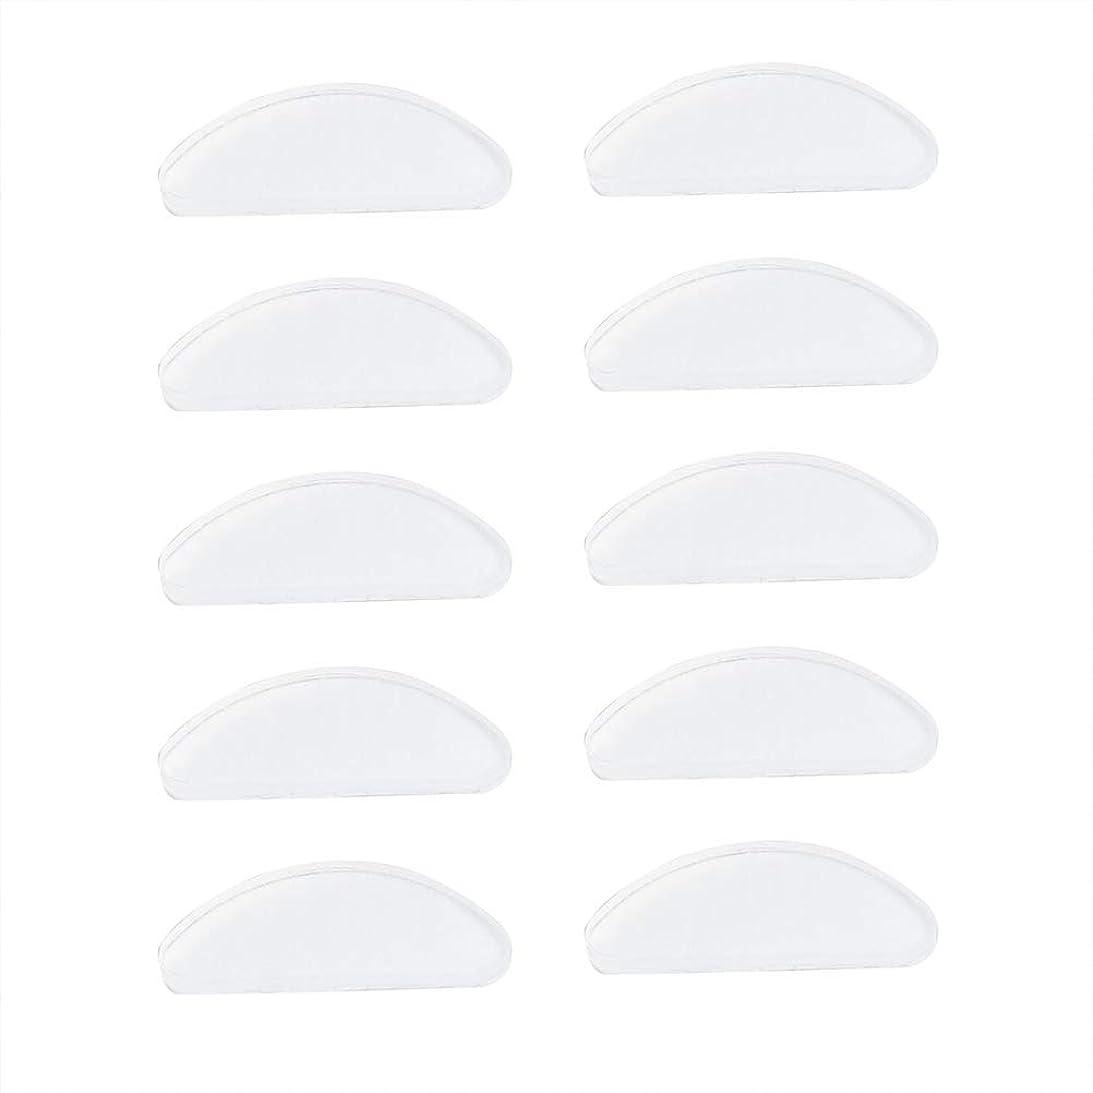 ミンチエステート実験室SUPVOX 25ペアシリコンメガネ鼻パッド粘着ノンスリップノーズパッド用メガネサングラスプラスチックメガネプラスチックフレーム